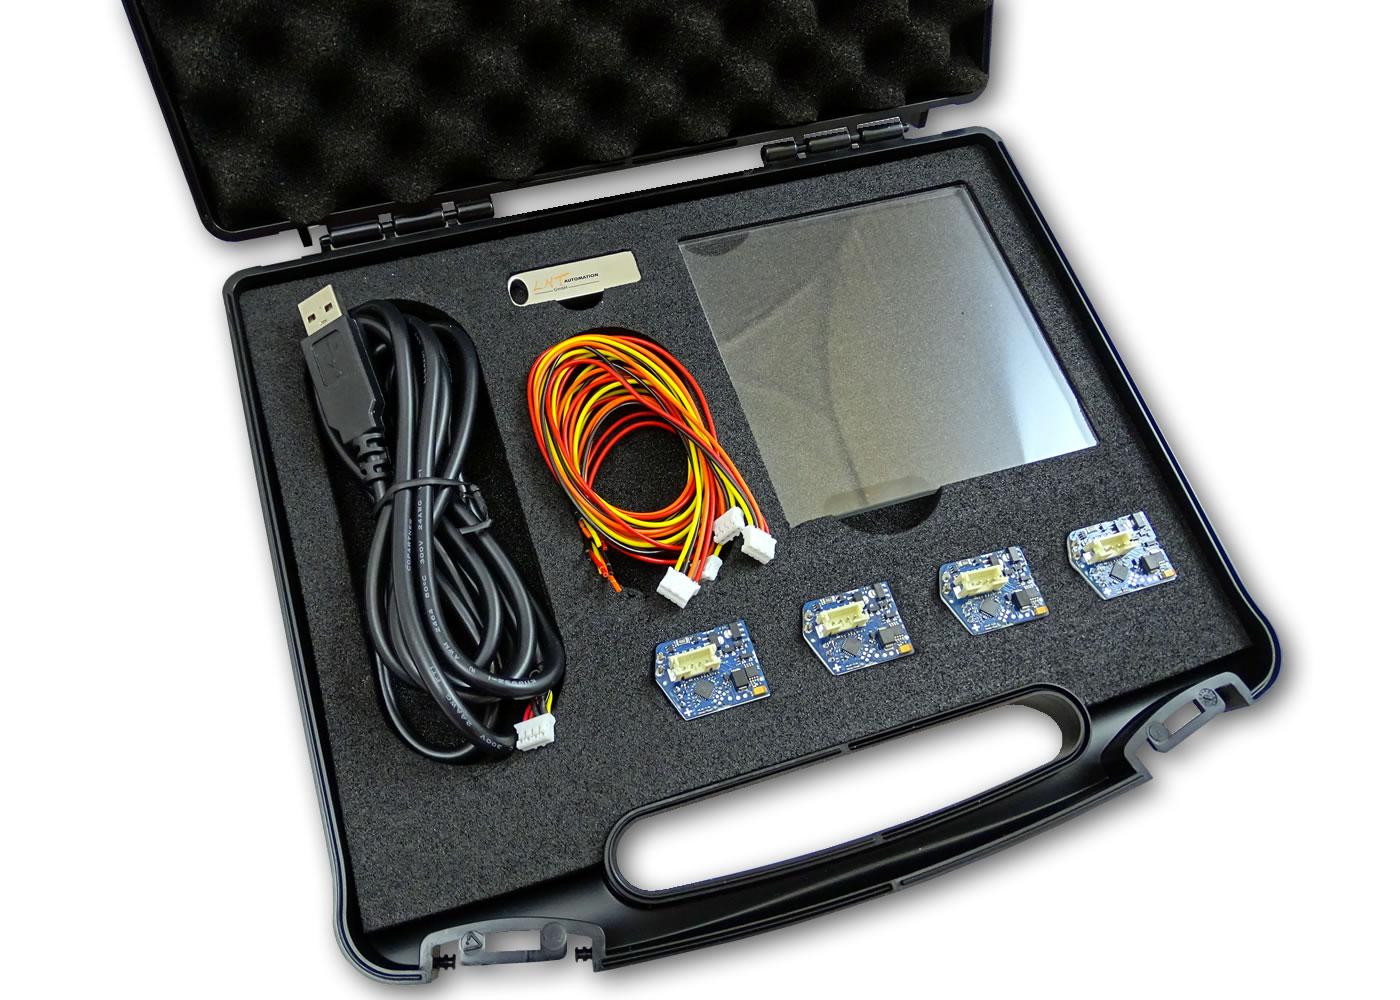 Kit d'évaluation touches capacitives ITO-Keys – Contenu détaillé